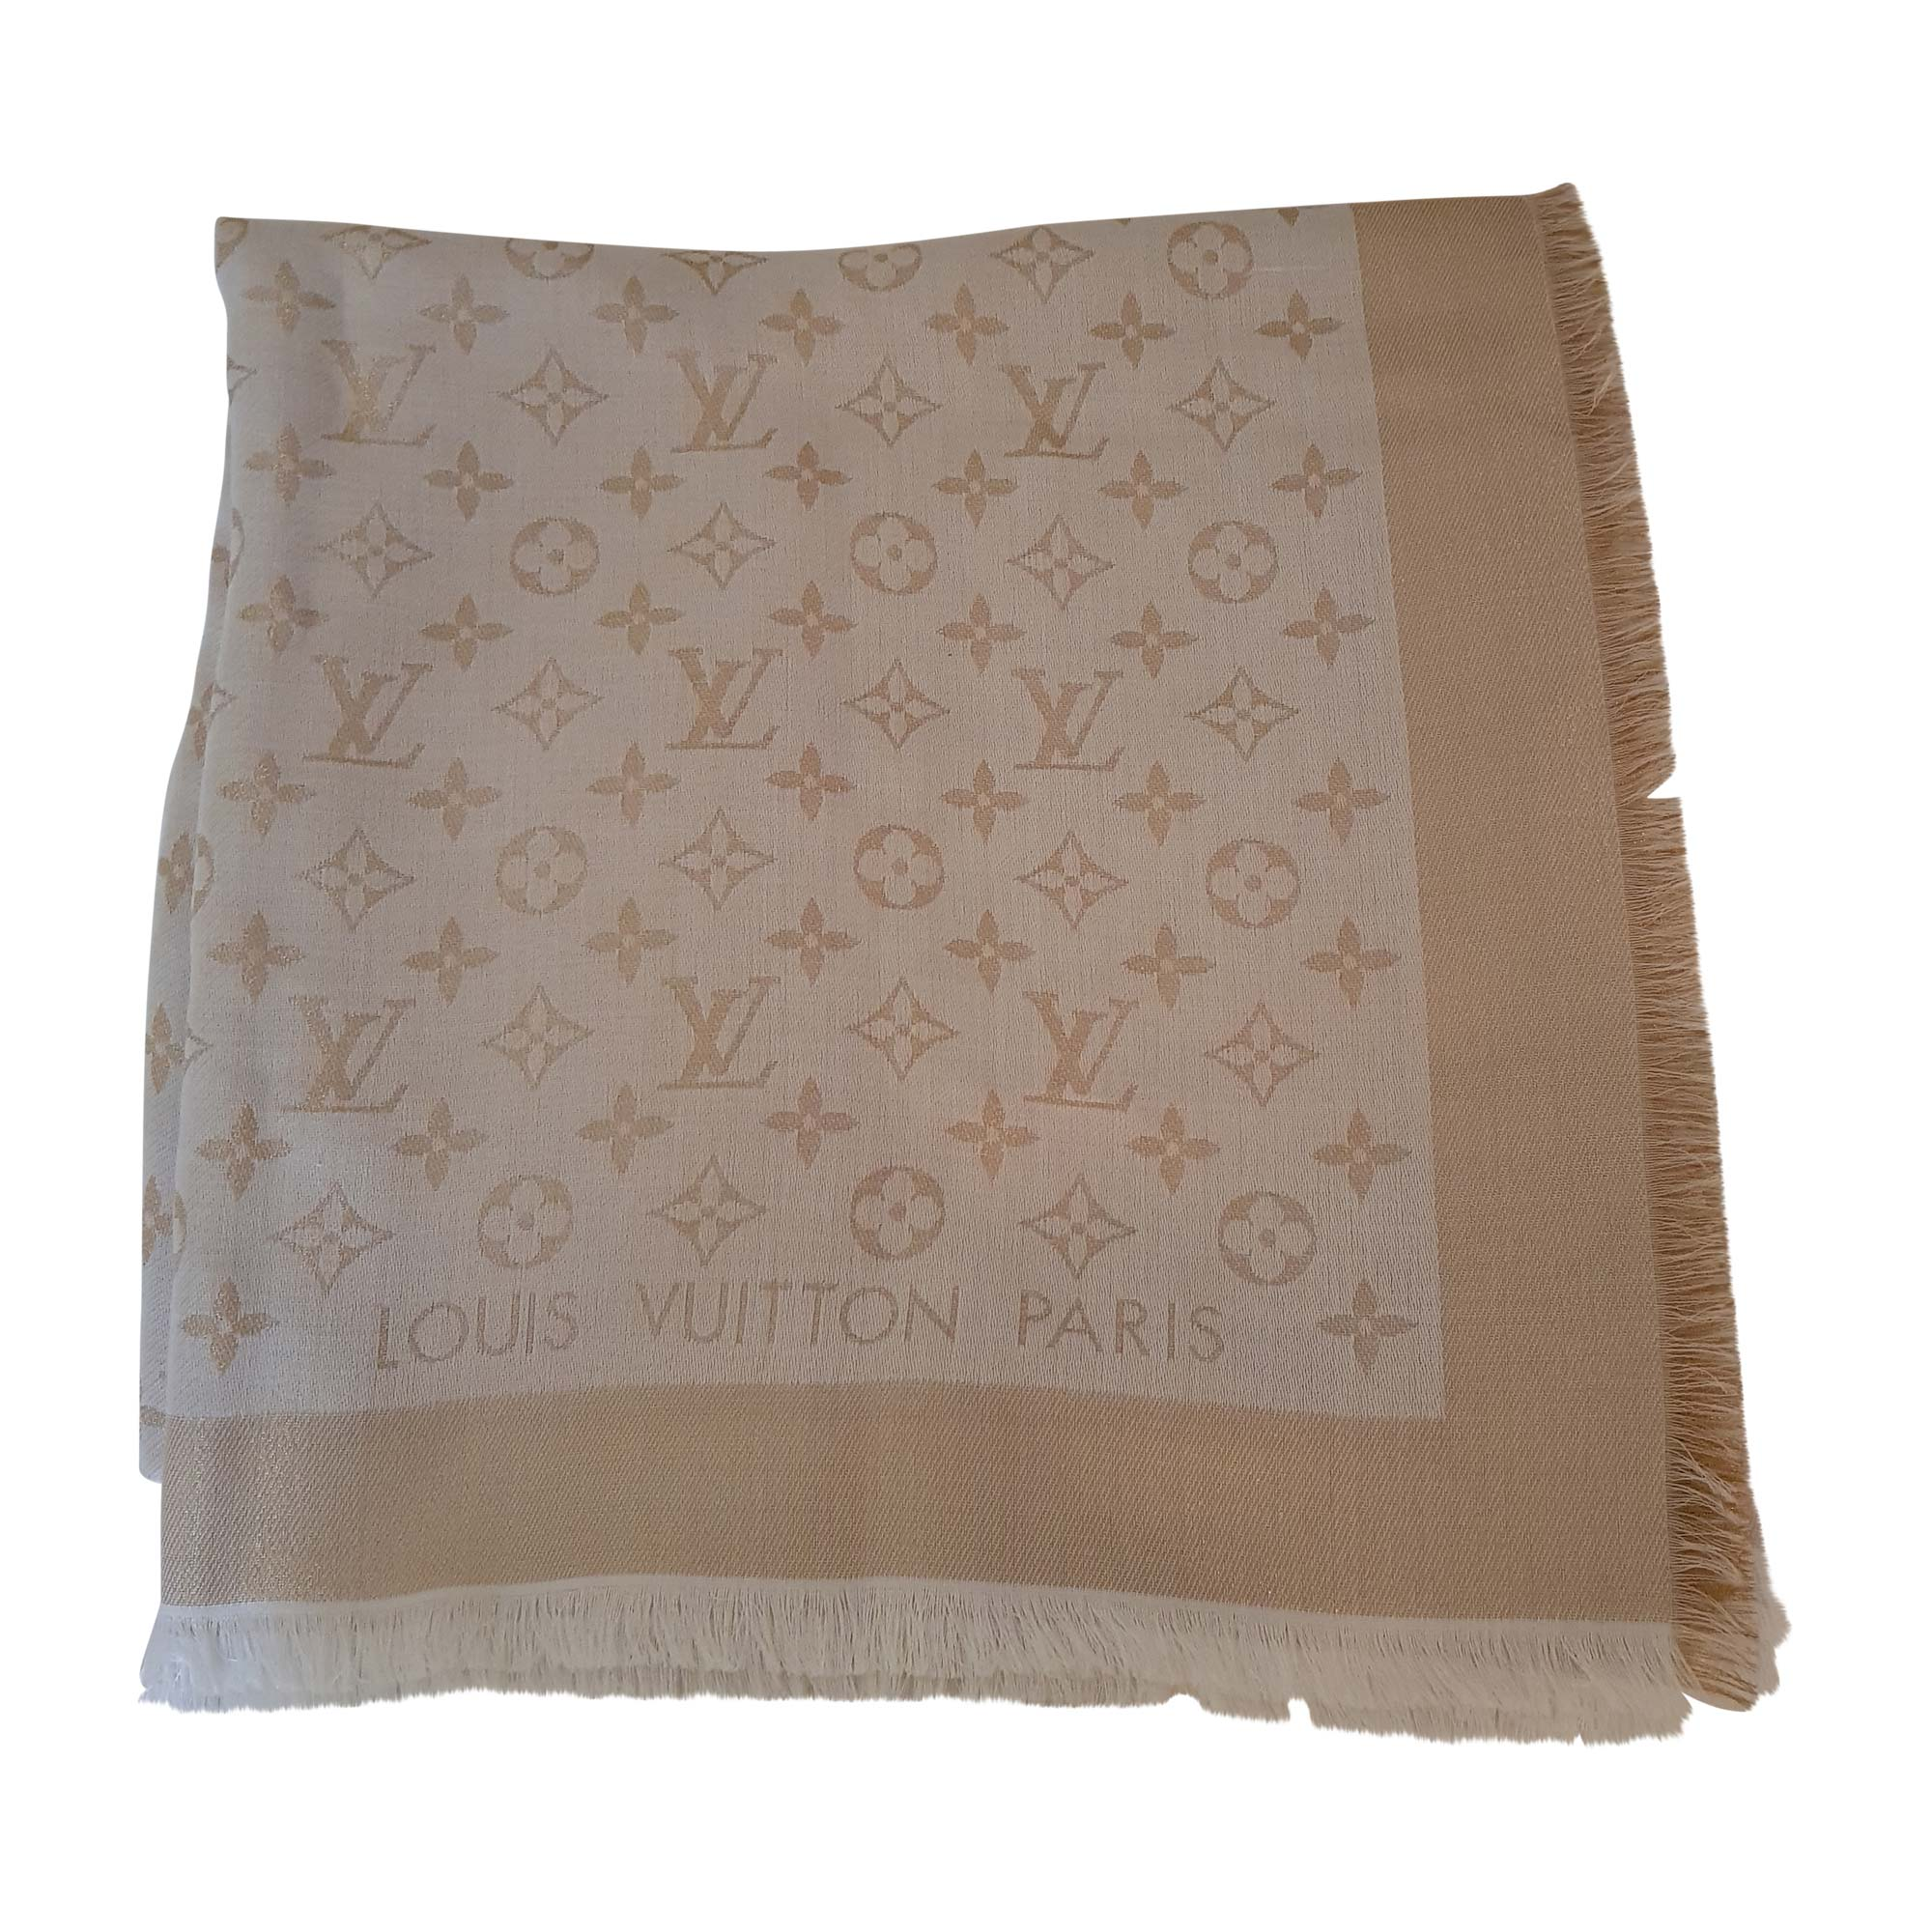 Etole LOUIS VUITTON blanc vendu par Laly saint tropez - 7621152 1df33ef9423